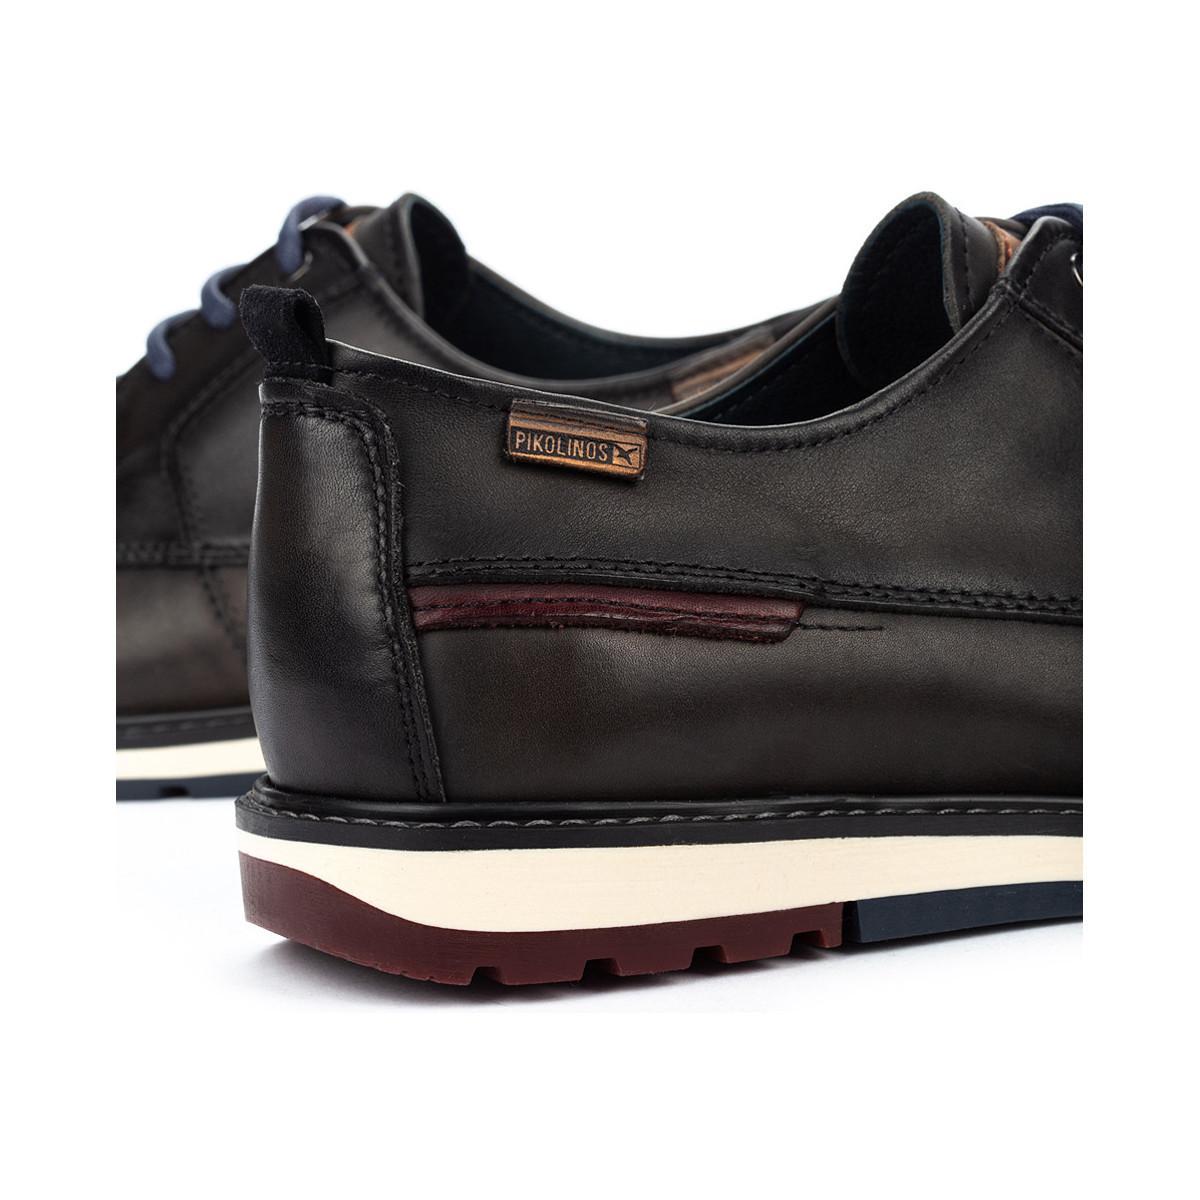 BERNA M8J Chaussures Pikolinos pour homme en coloris Gris